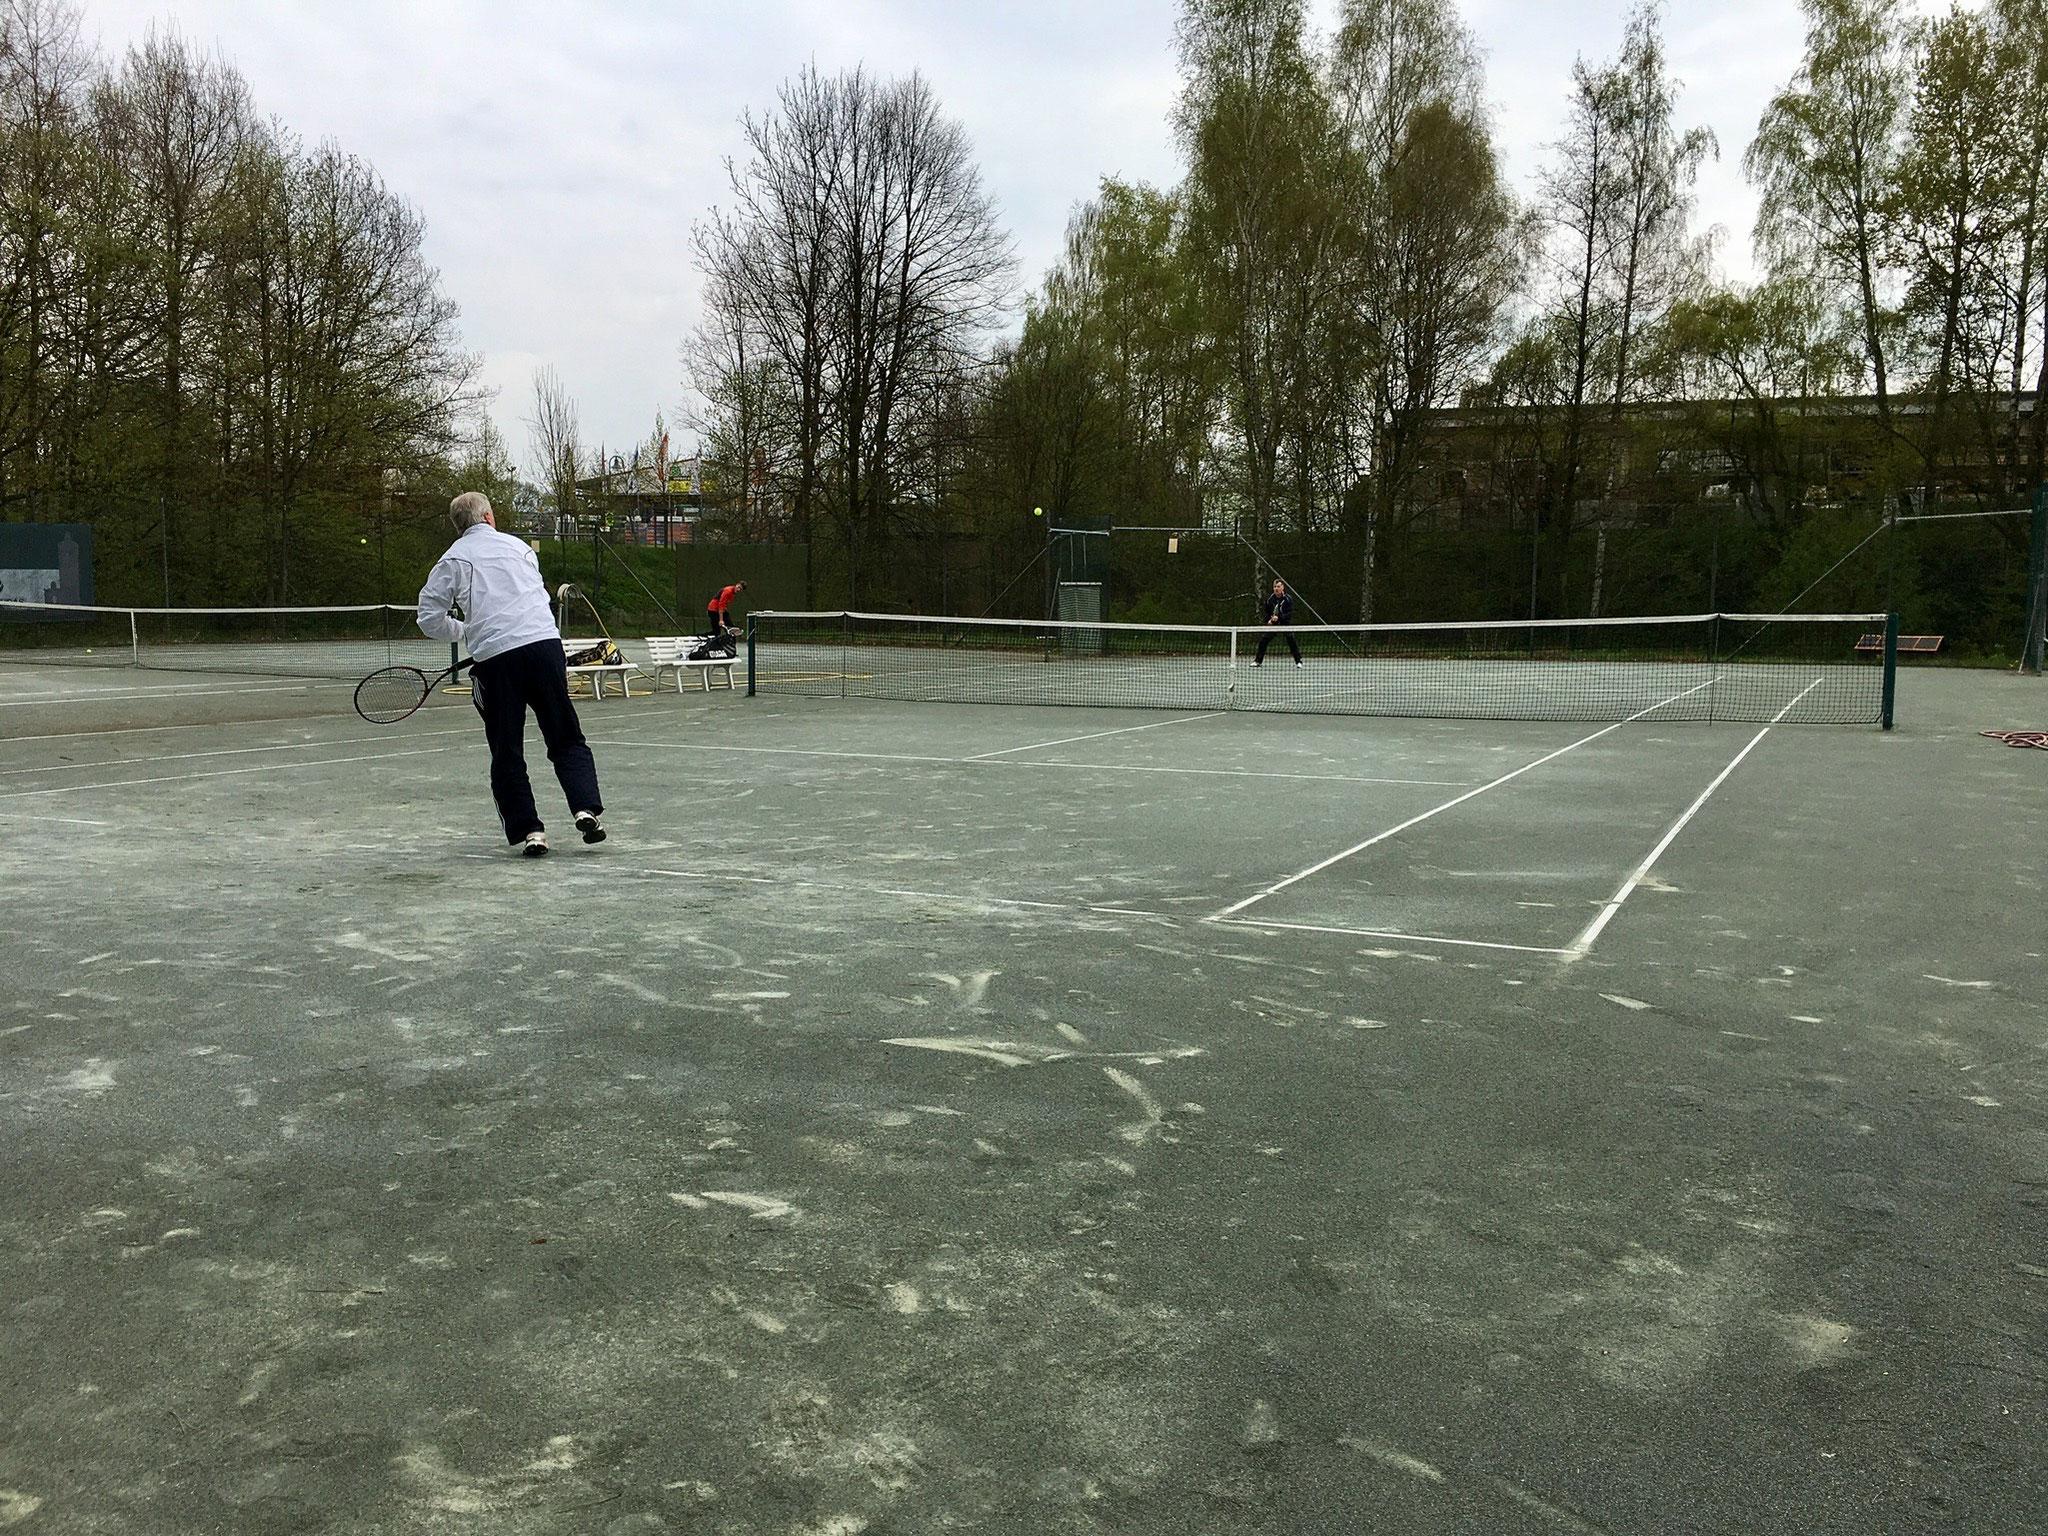 ungewöhnlich: die Tennisplätze besitzen einen grauen Sandbelag